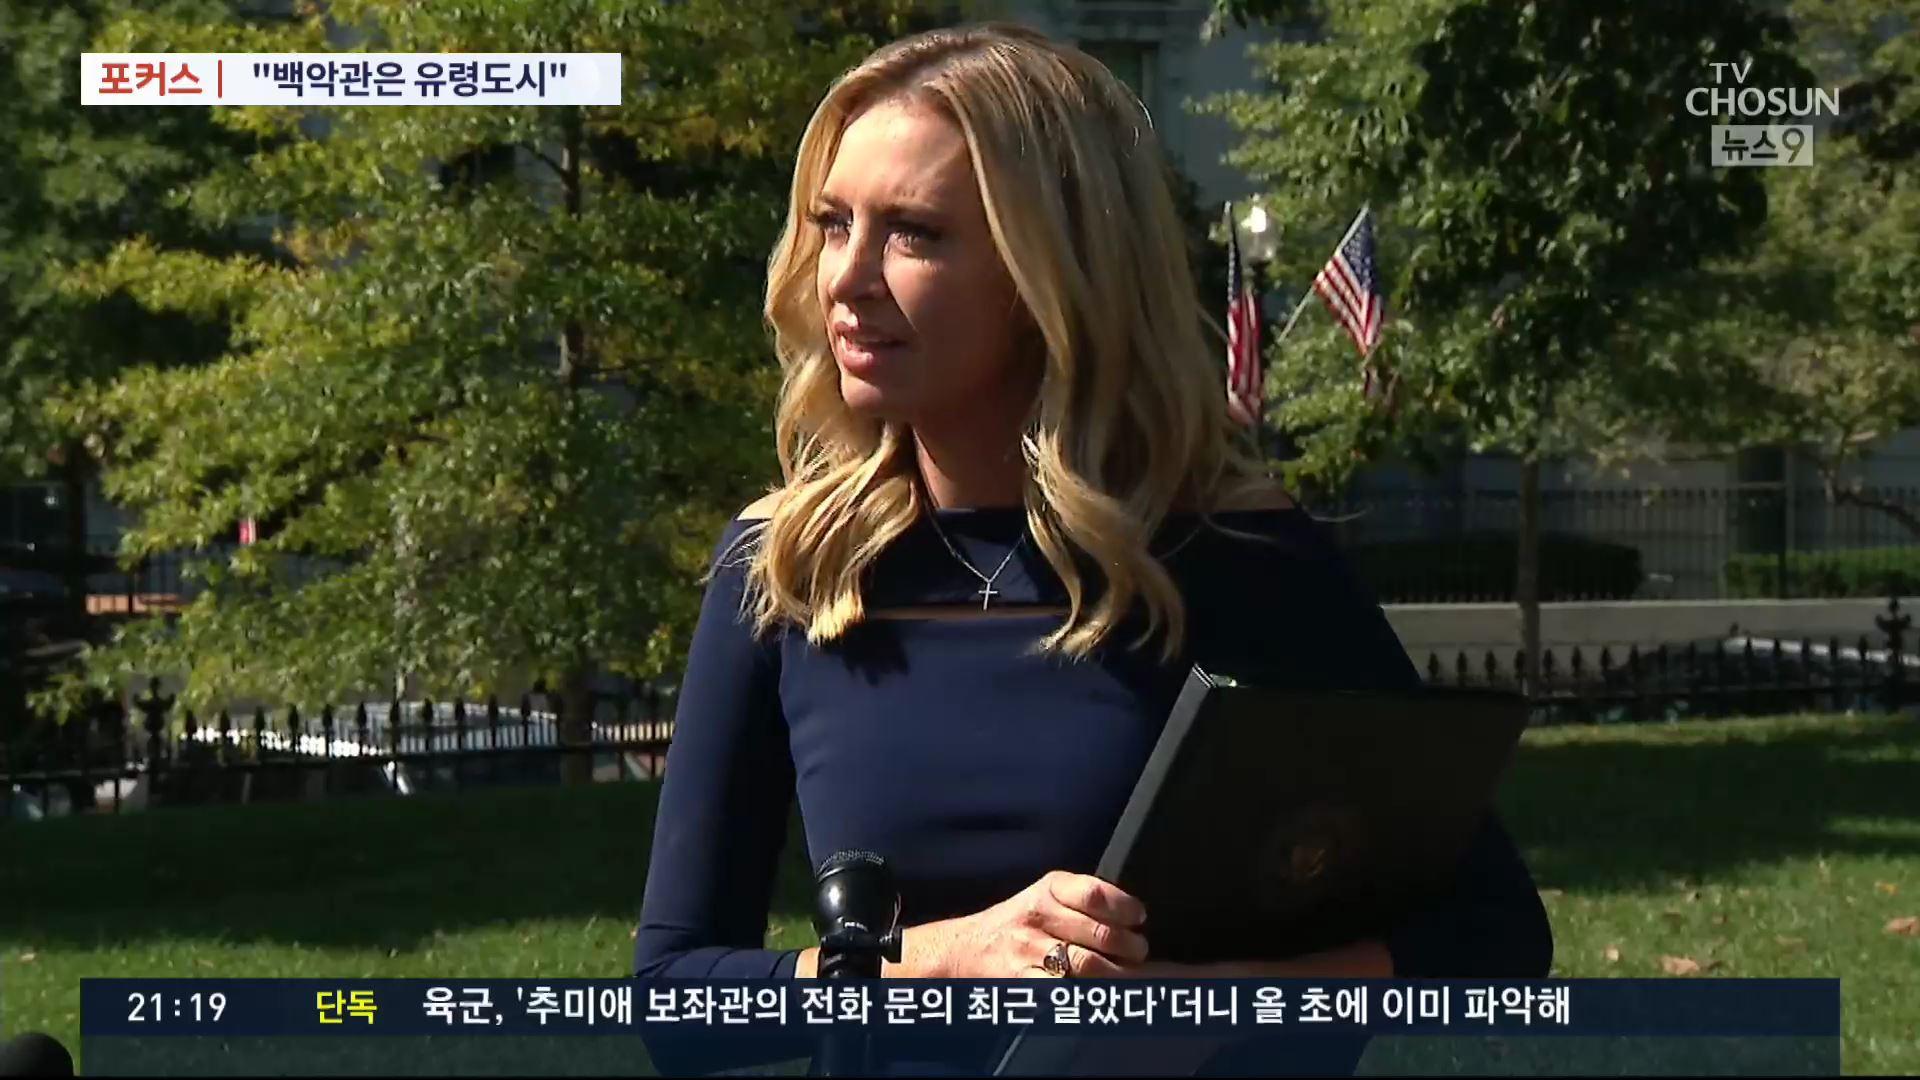 [포커스] 대변인·기자 줄줄이 감염…'백악관은 유령도시'